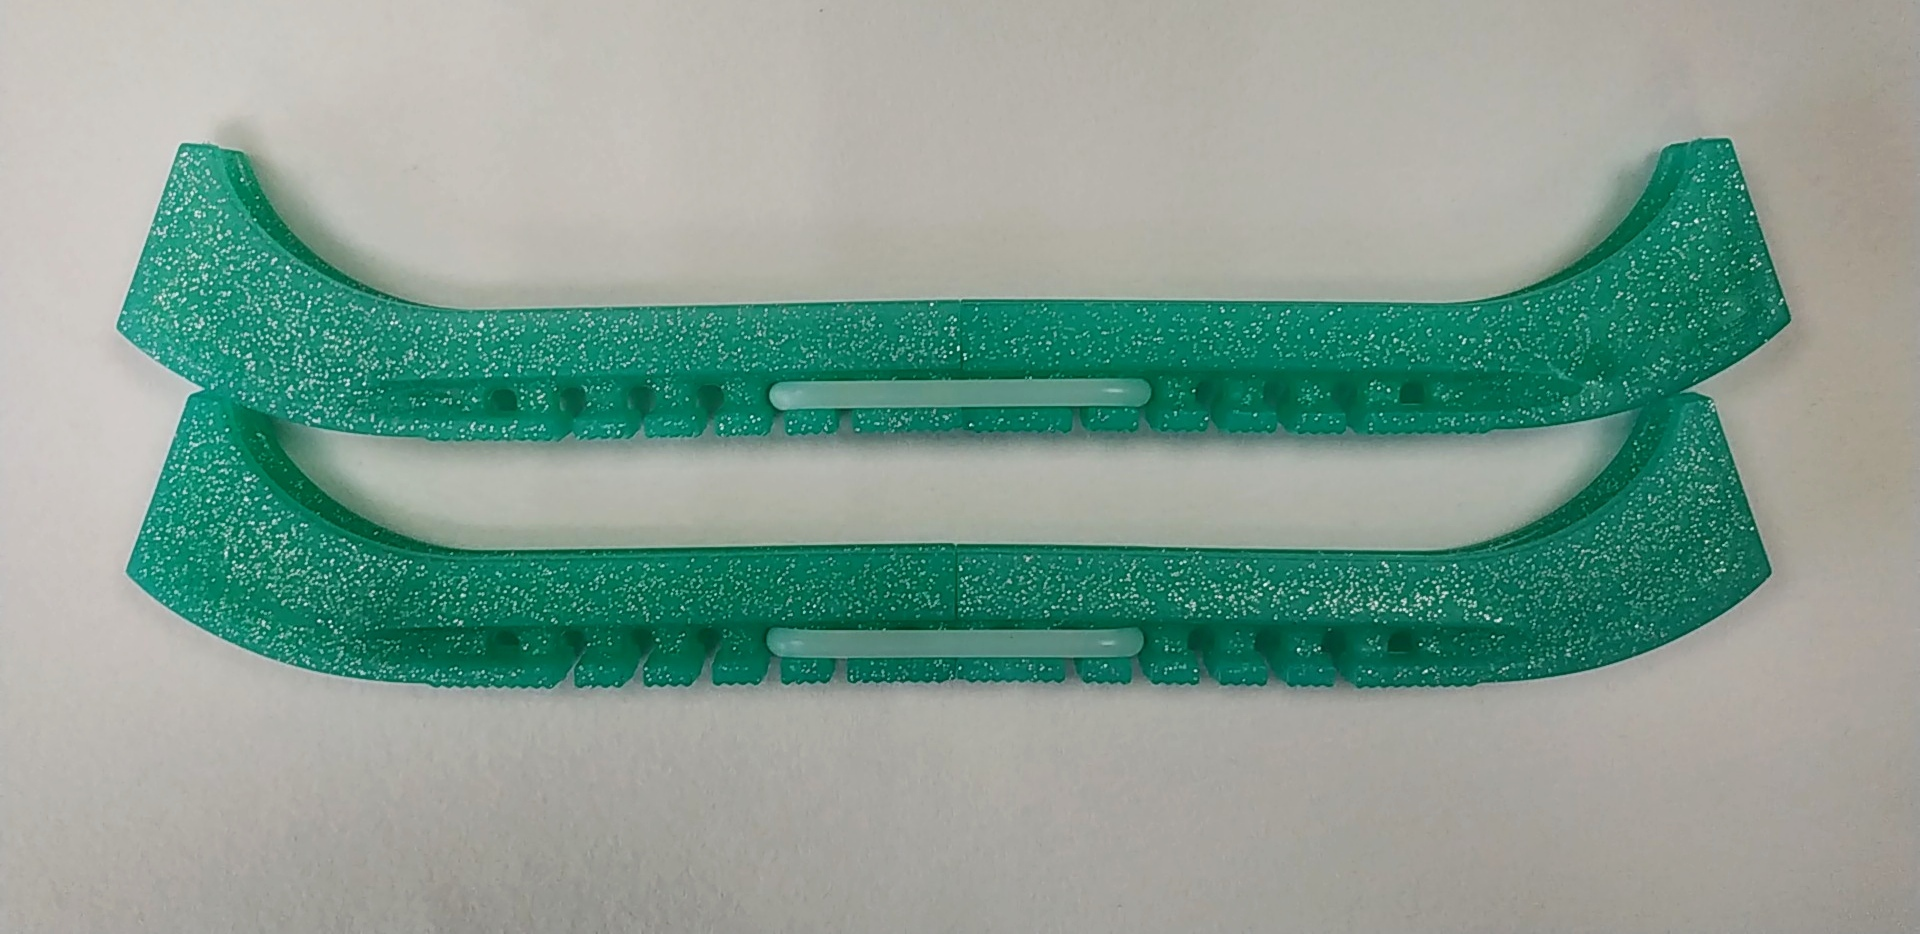 Чехлы на лезвия двойные с силиконовым соединителем (бирюза с блёстками)